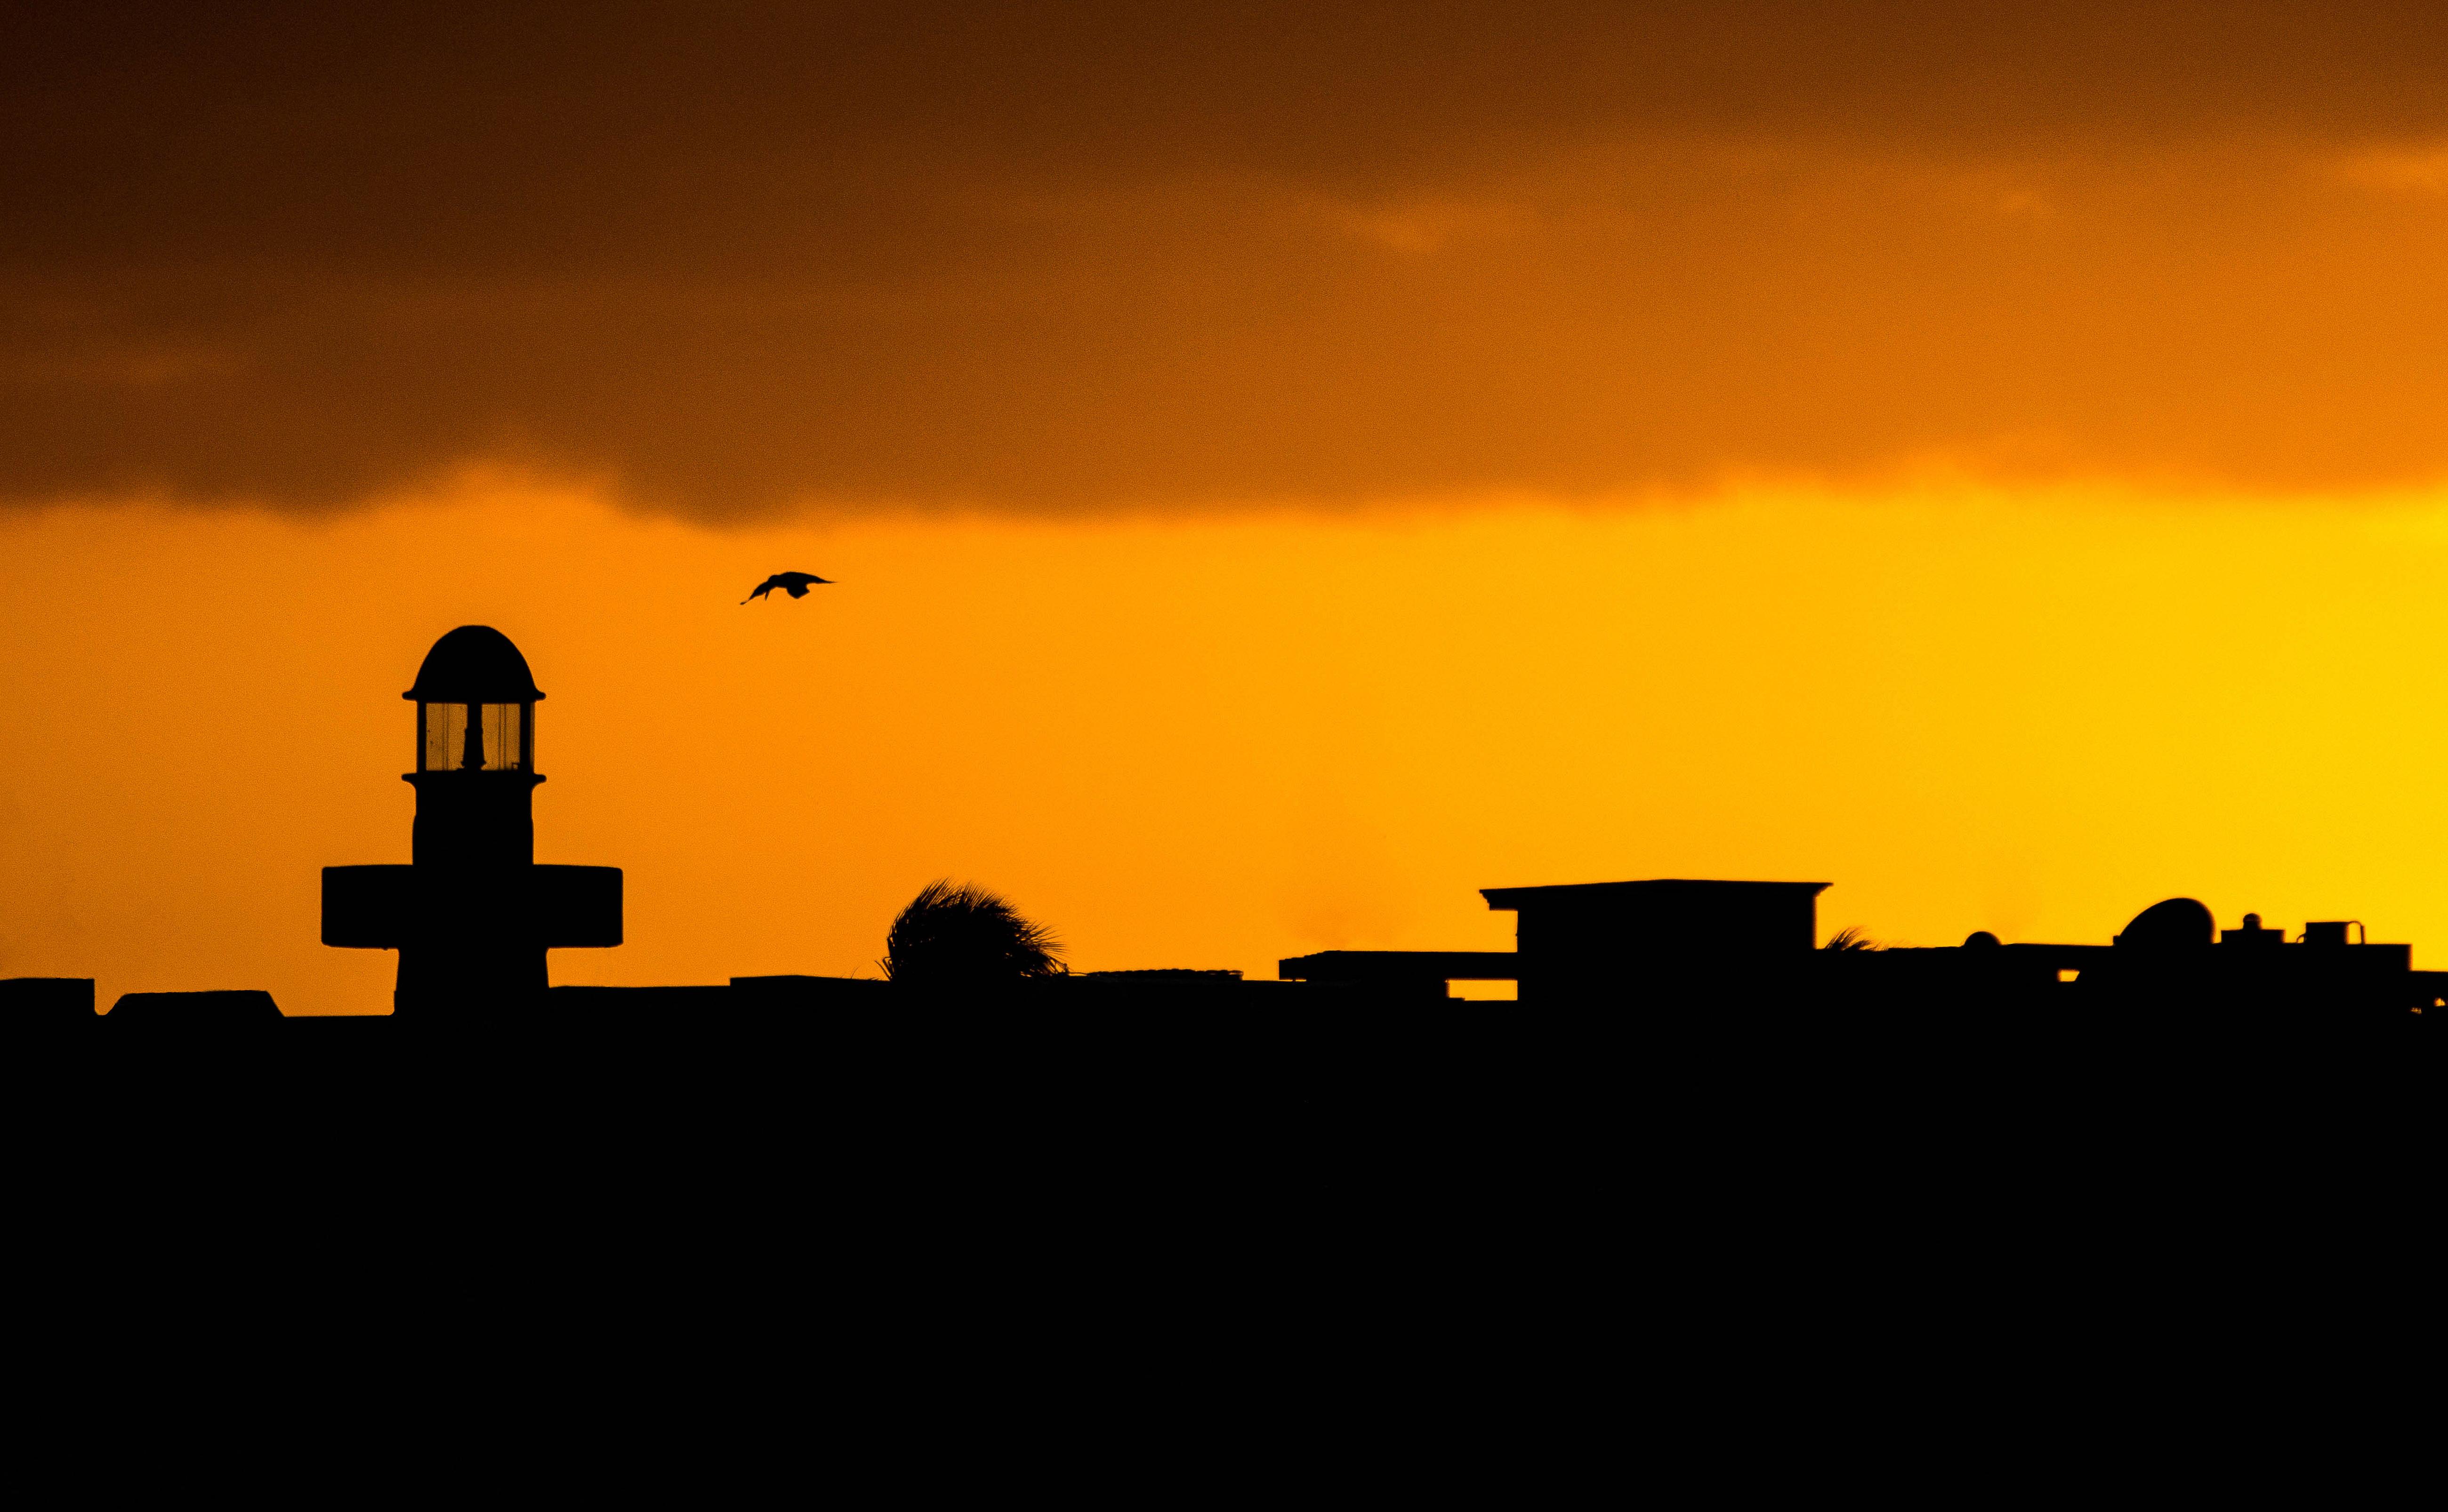 sunsetandbird